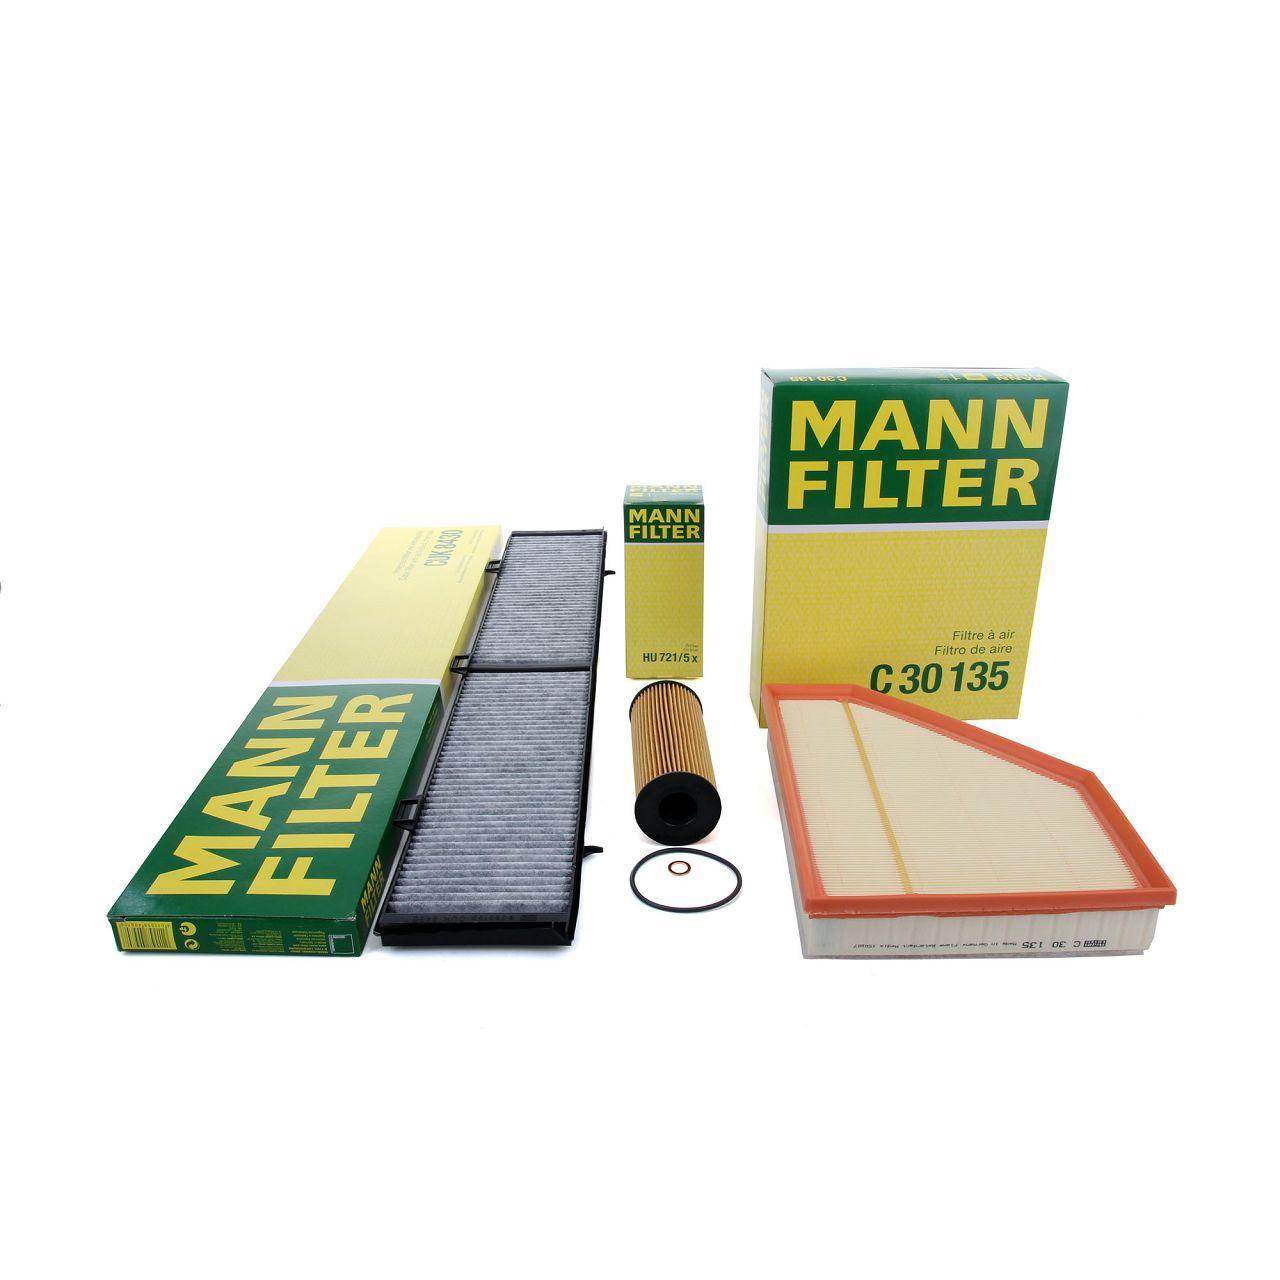 MANN Filterpaket Filterset für BMW E81 E87 116-123d E90 E91 E92 316-320d X1 E84